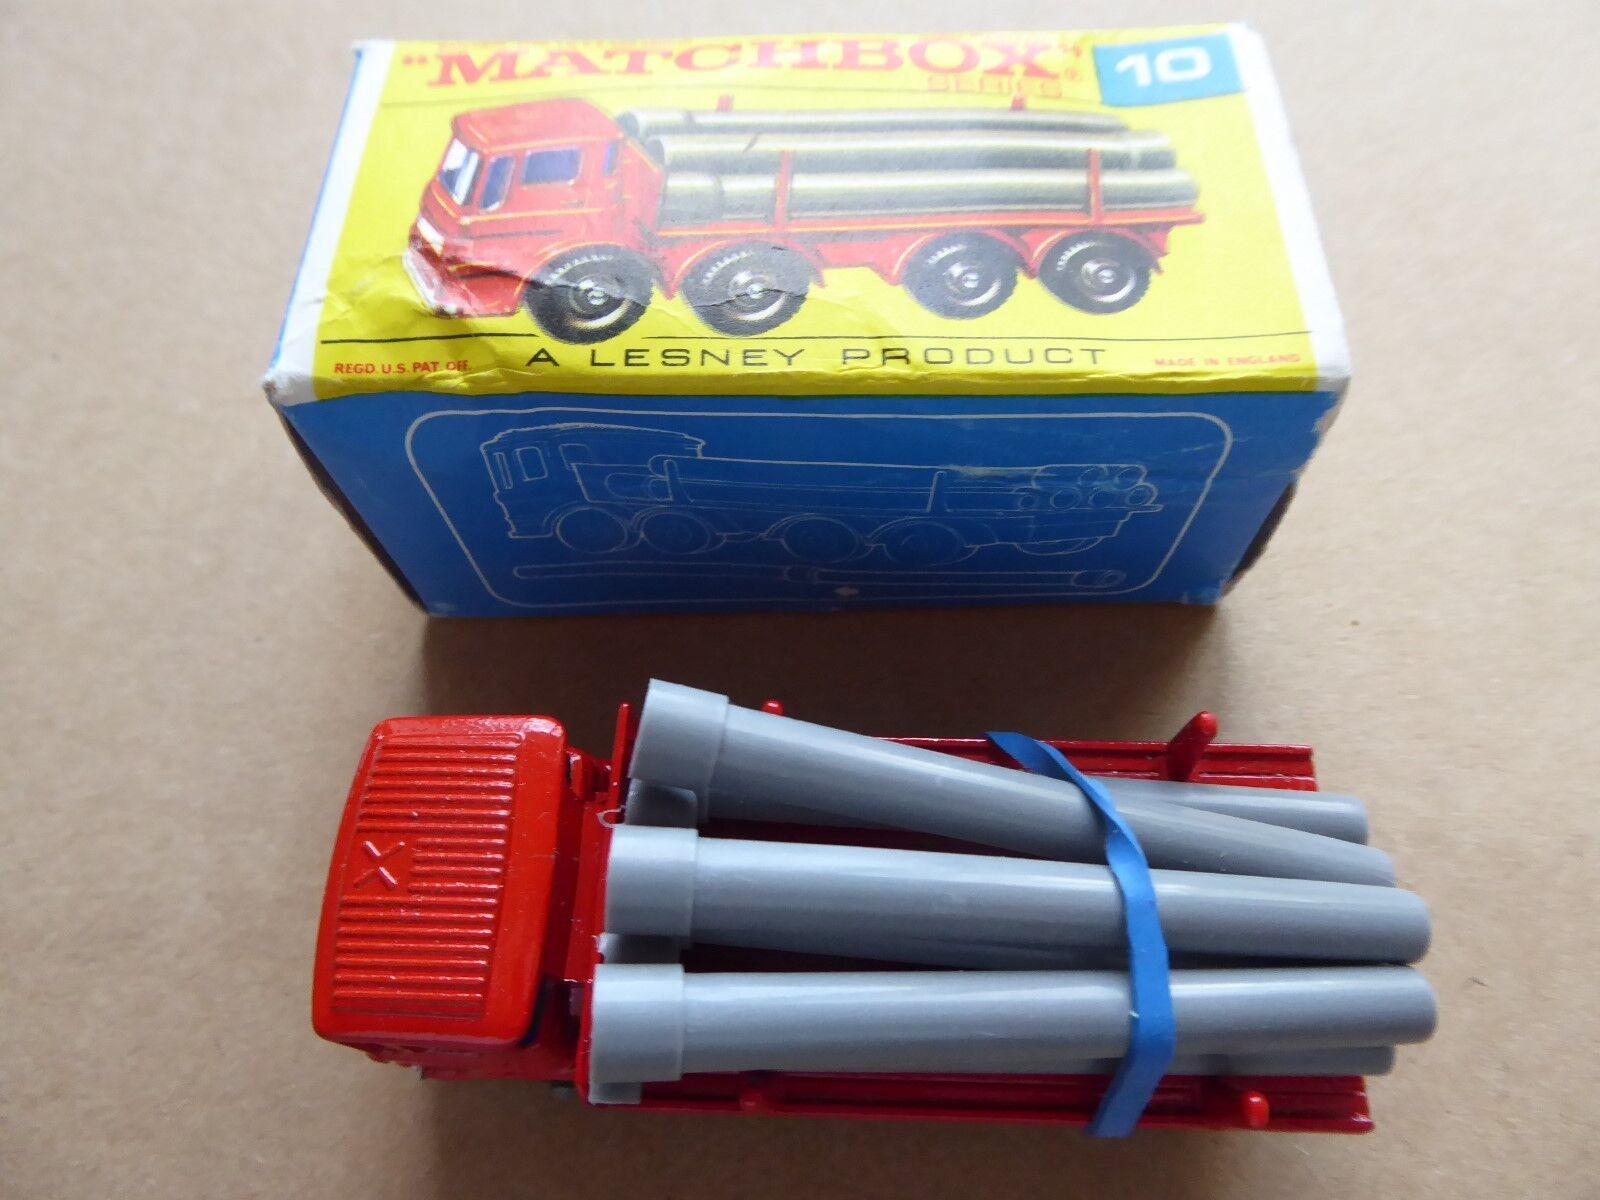 Matchbox nummer 10 - rohr lkw - original - im ausgezeichneten zustand - box